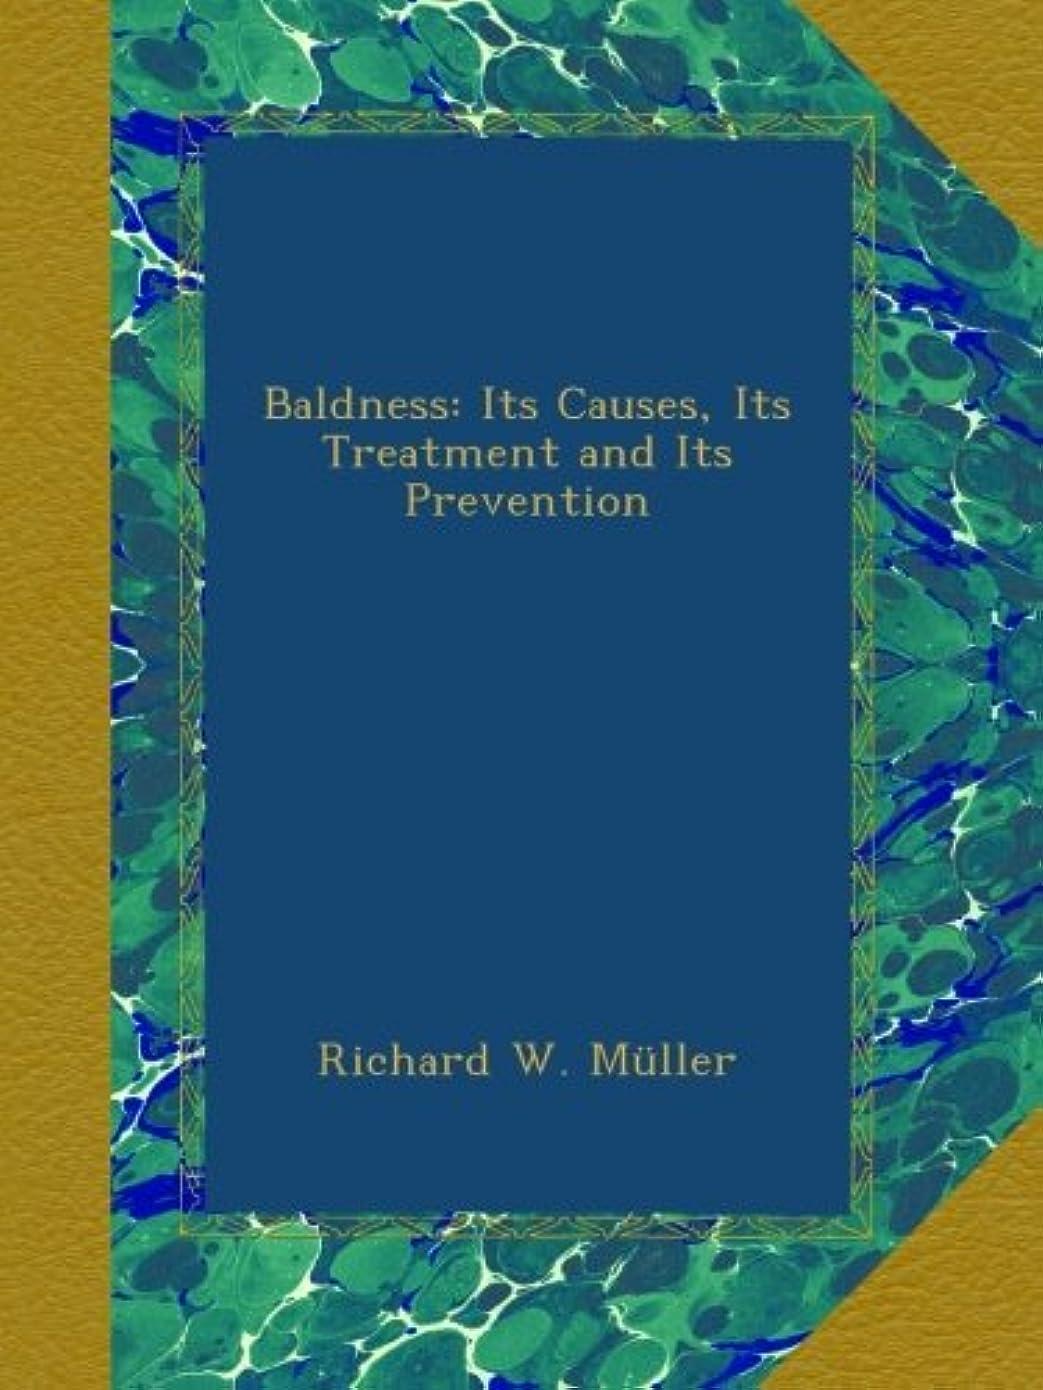 福祉ソビエトすごいBaldness: Its Causes, Its Treatment and Its Prevention